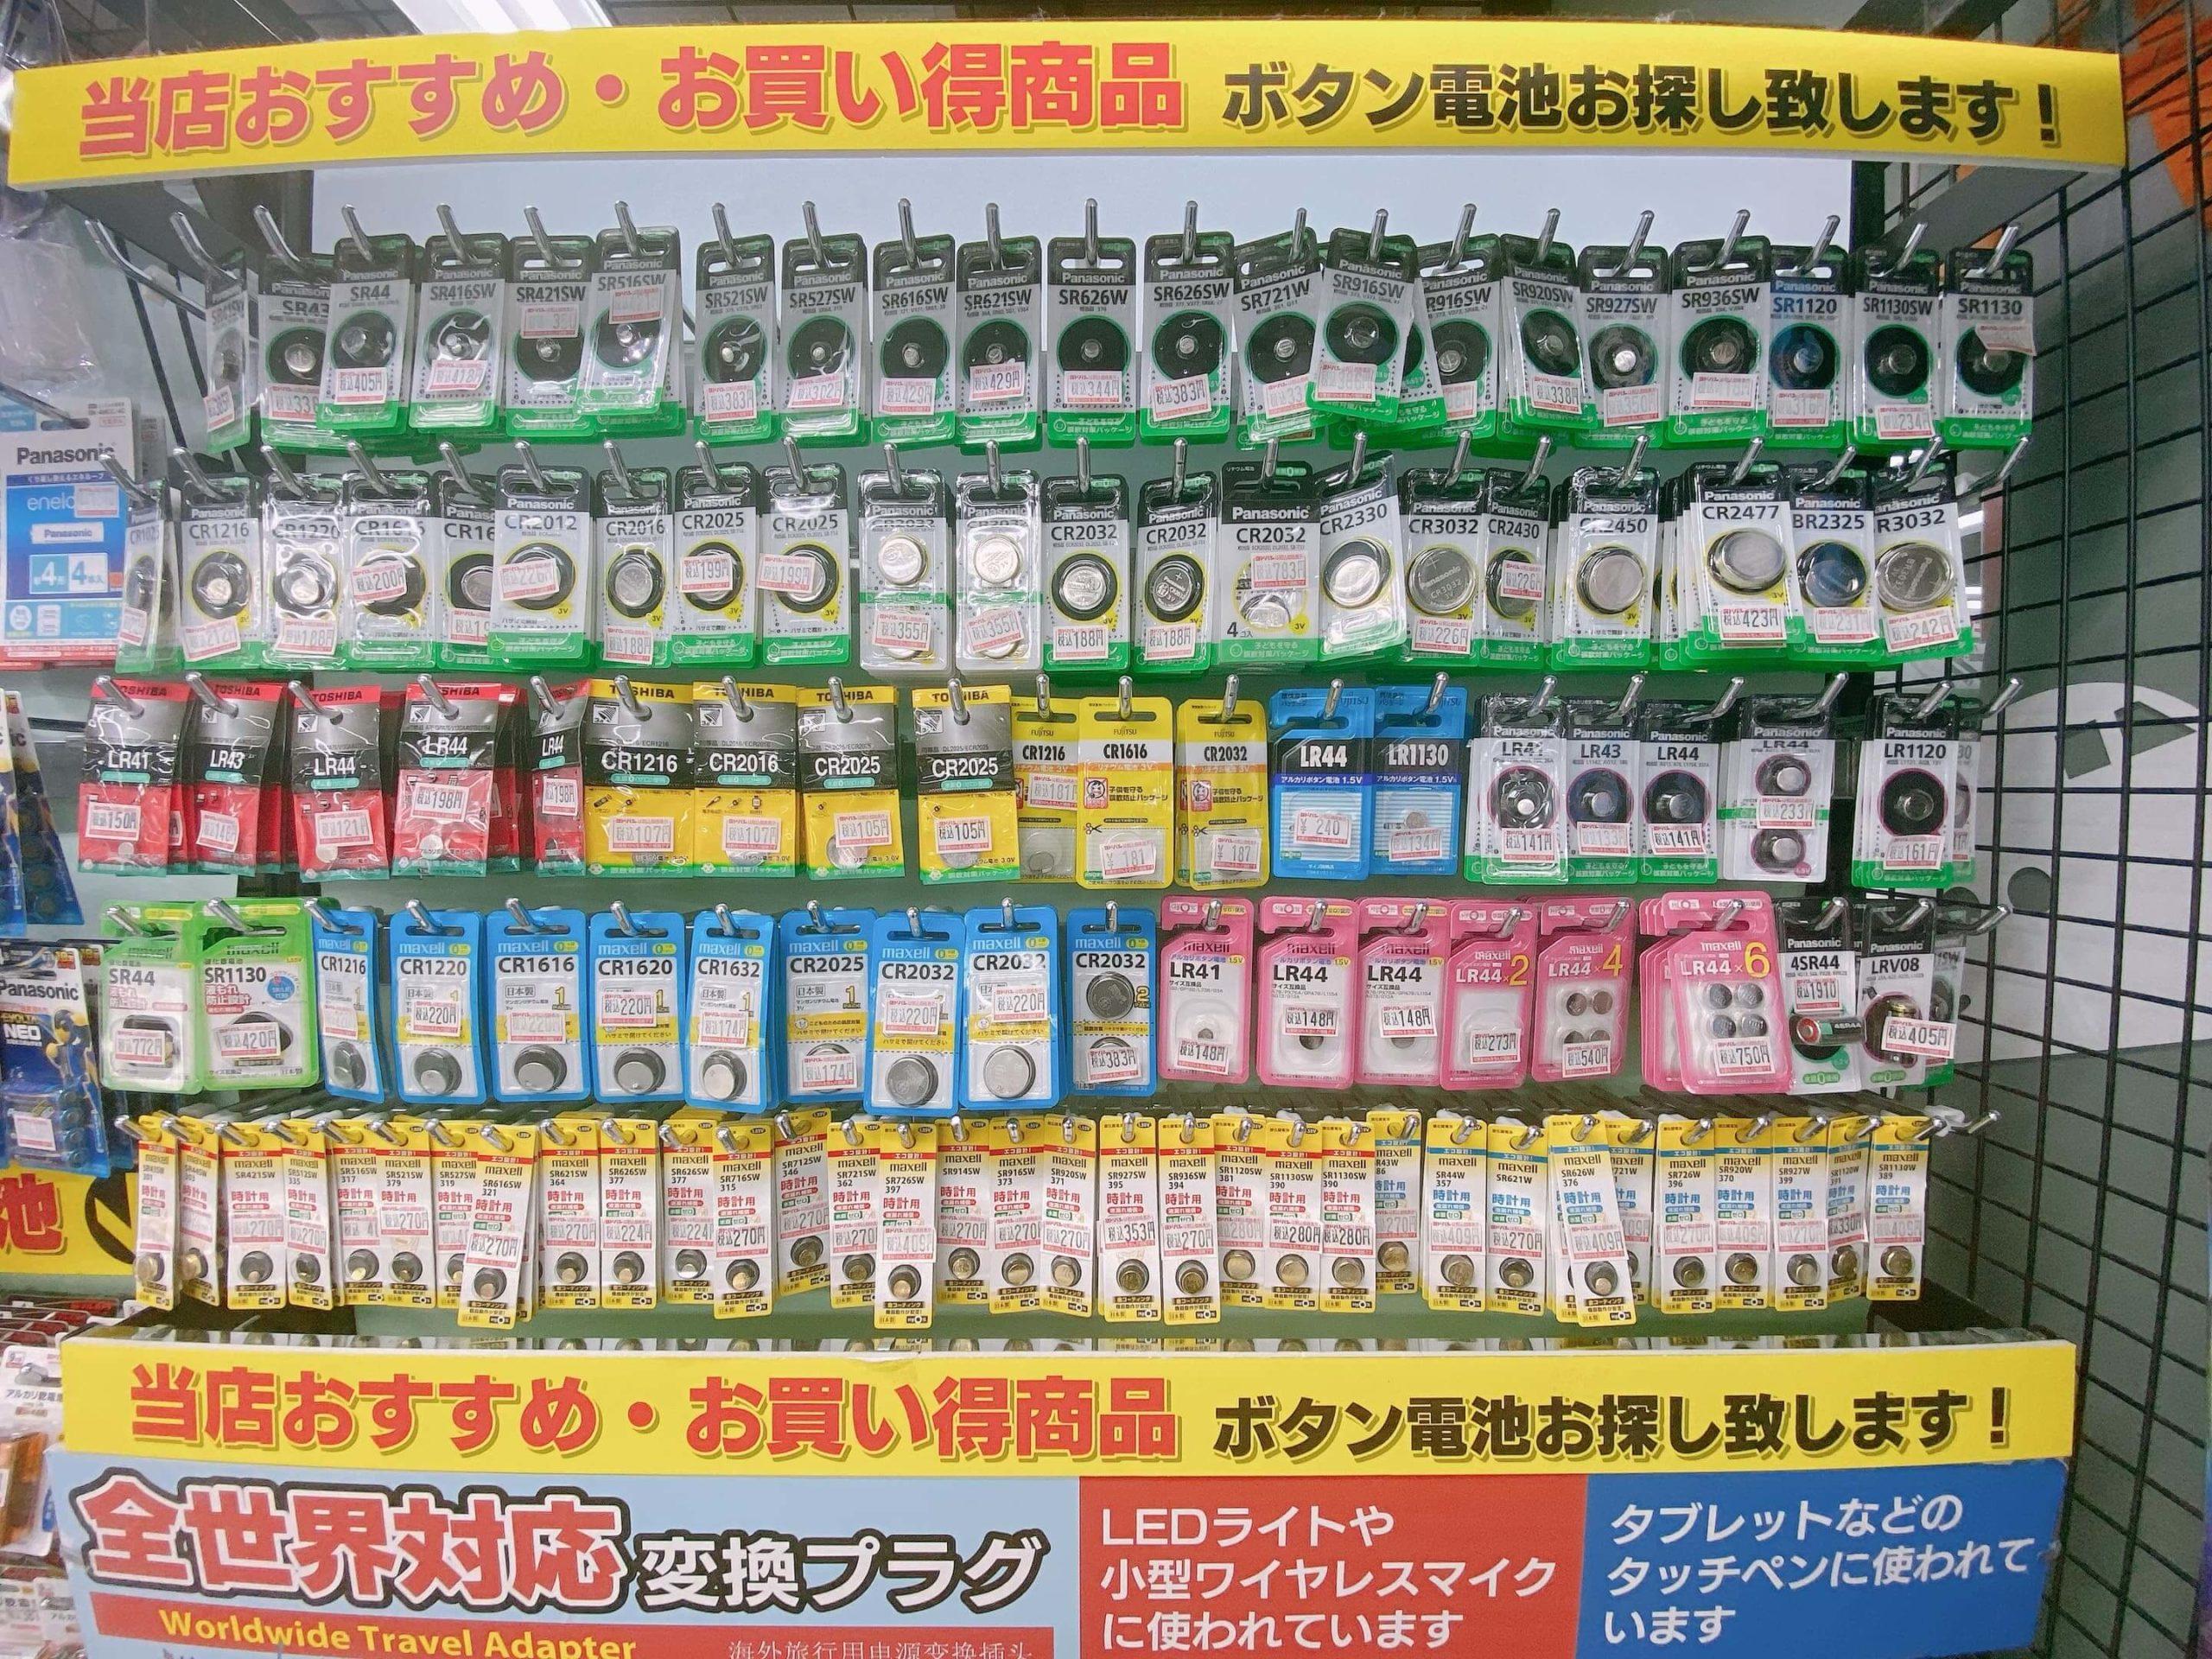 18650電池は家電量販店ヨドバシカメラにもない